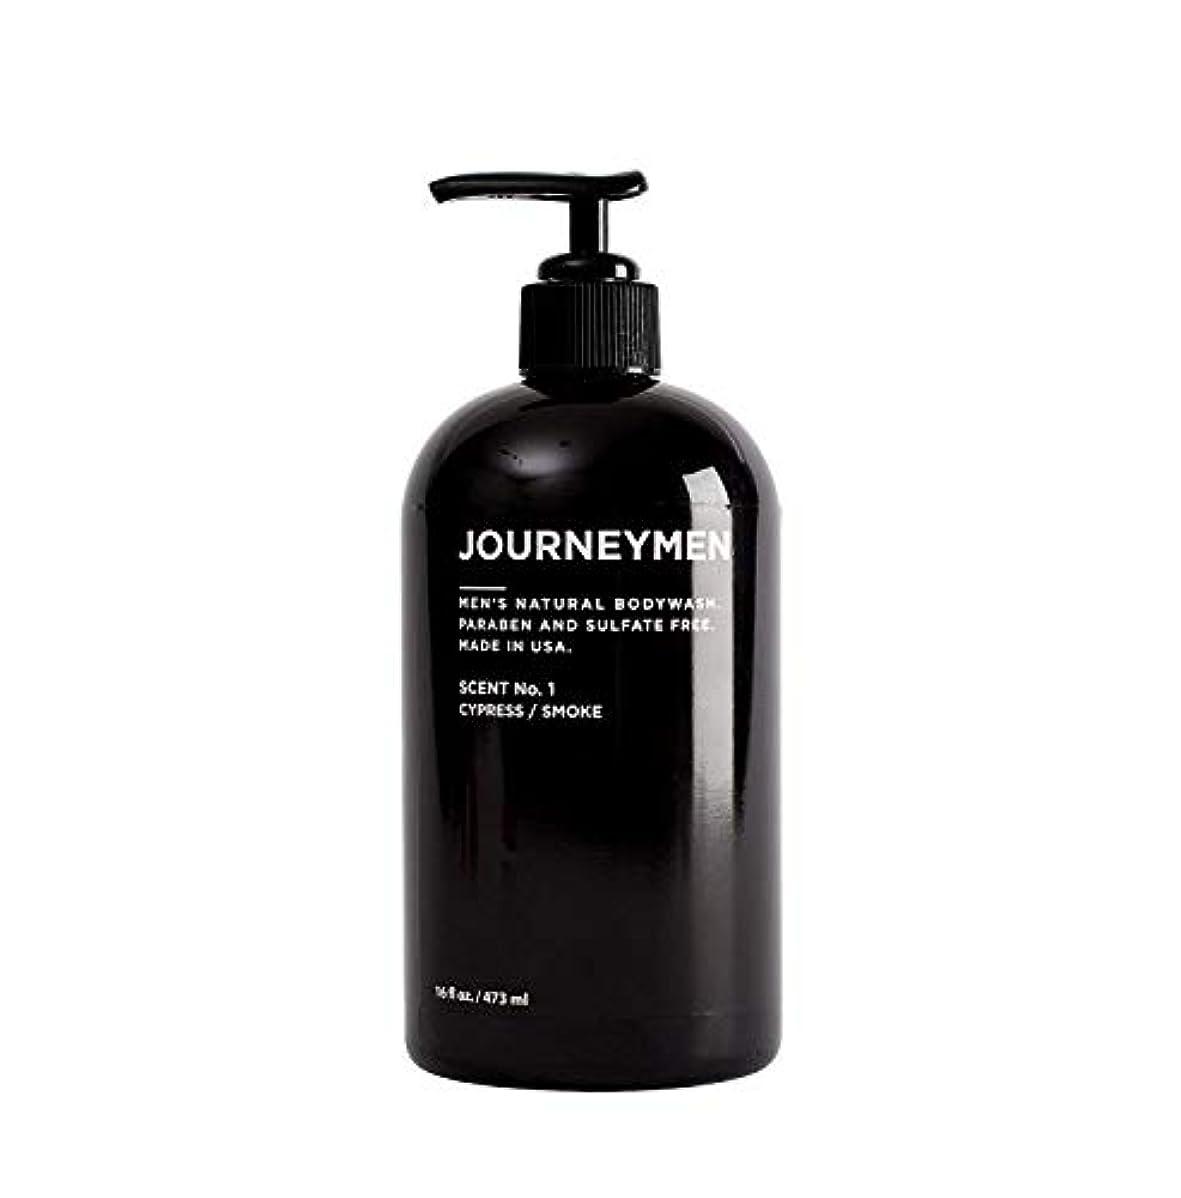 翻訳する慣れる共産主義Journeymen Natural Body Wash 16 oz/473 ml ジャーニーメンナチュラルボディウォッシュ